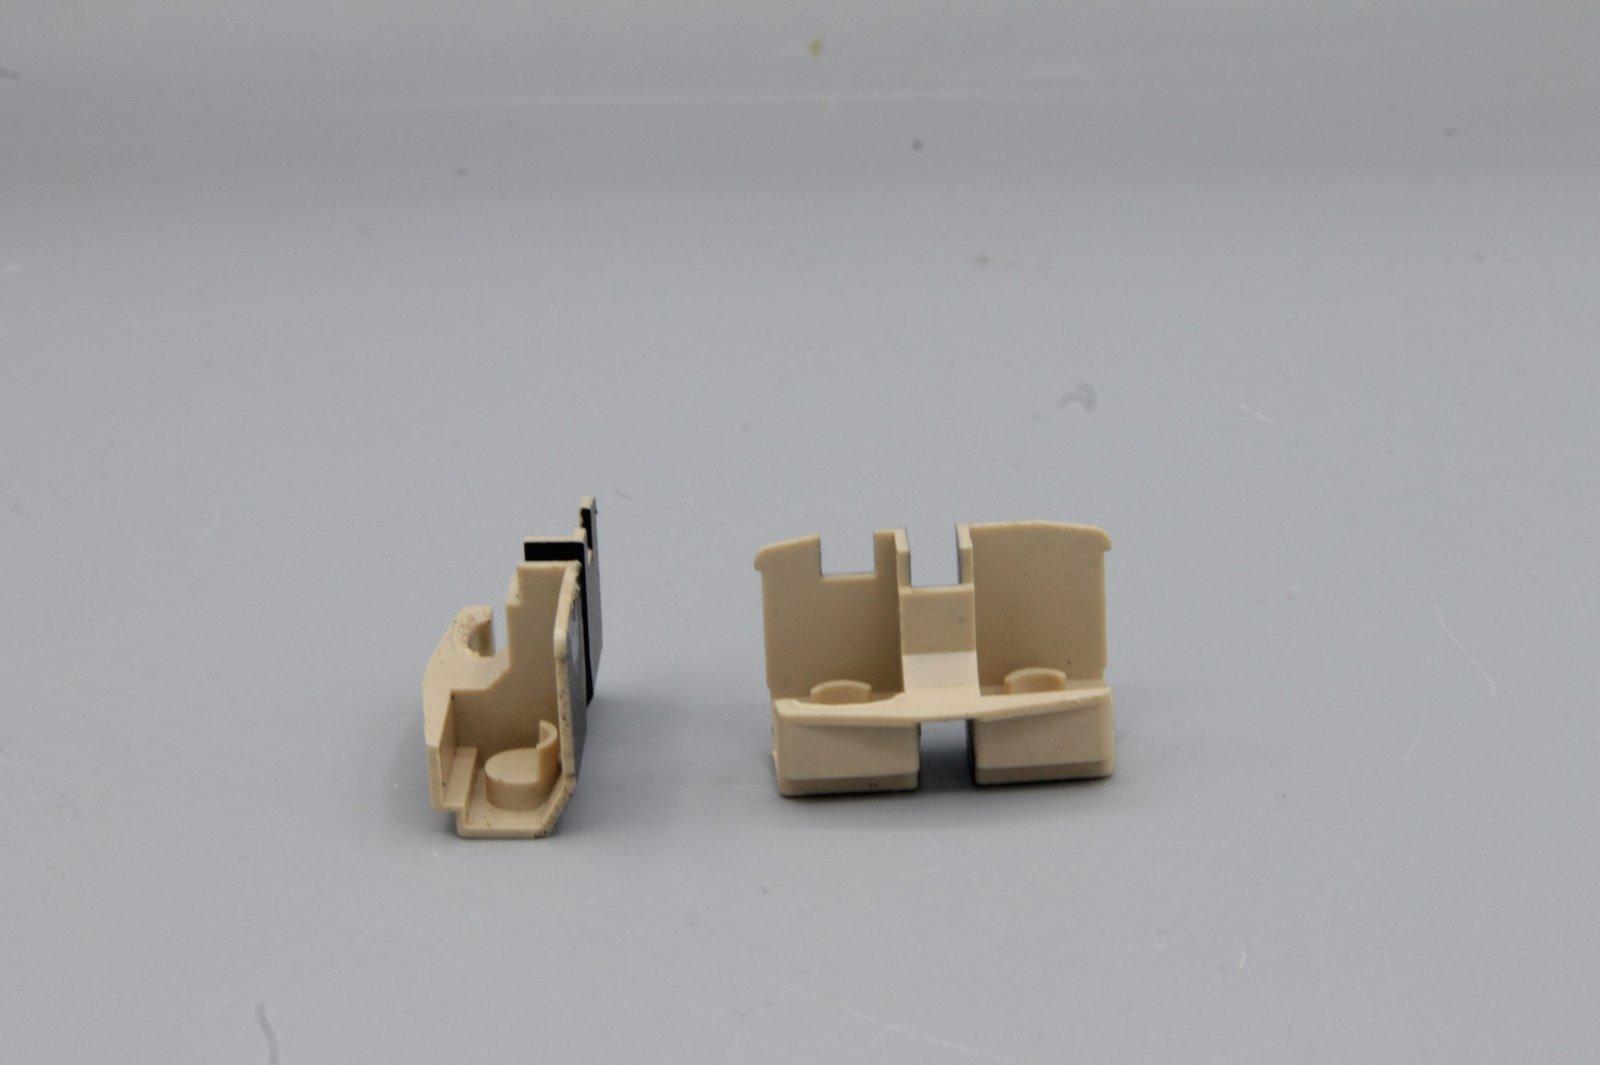 Ersatzteil Roco 140 Führerstandseinrichtung - 2 Stück / 1 Paar beige